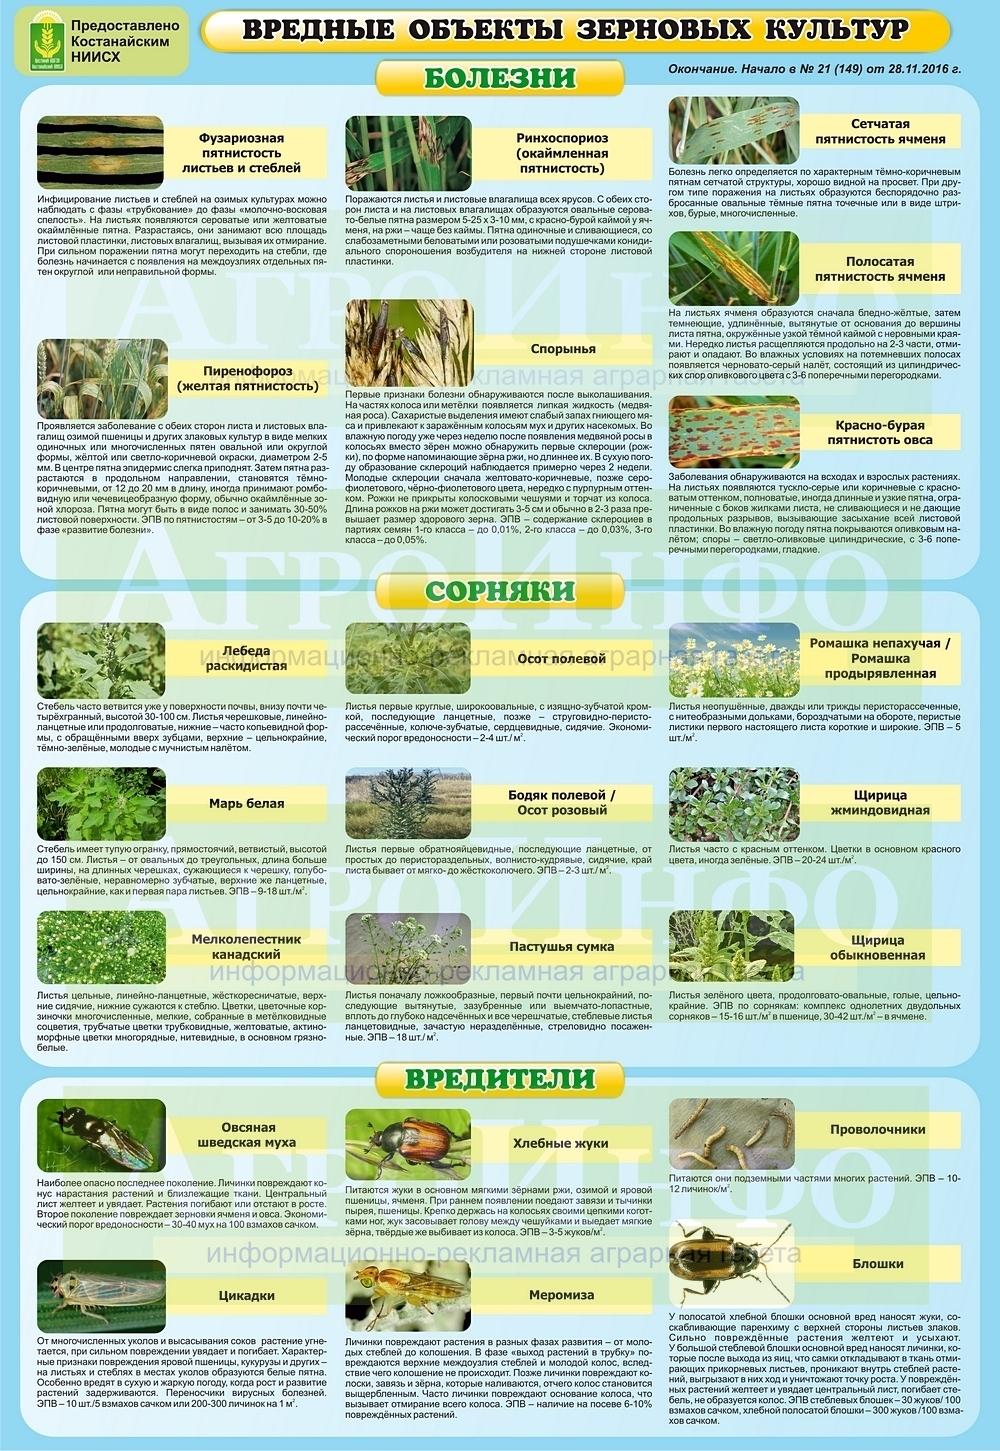 """Инфографика """"Вредные объекты зерновых культур, ч. 1"""". Нажмите на картинку, чтобы увеличить её."""